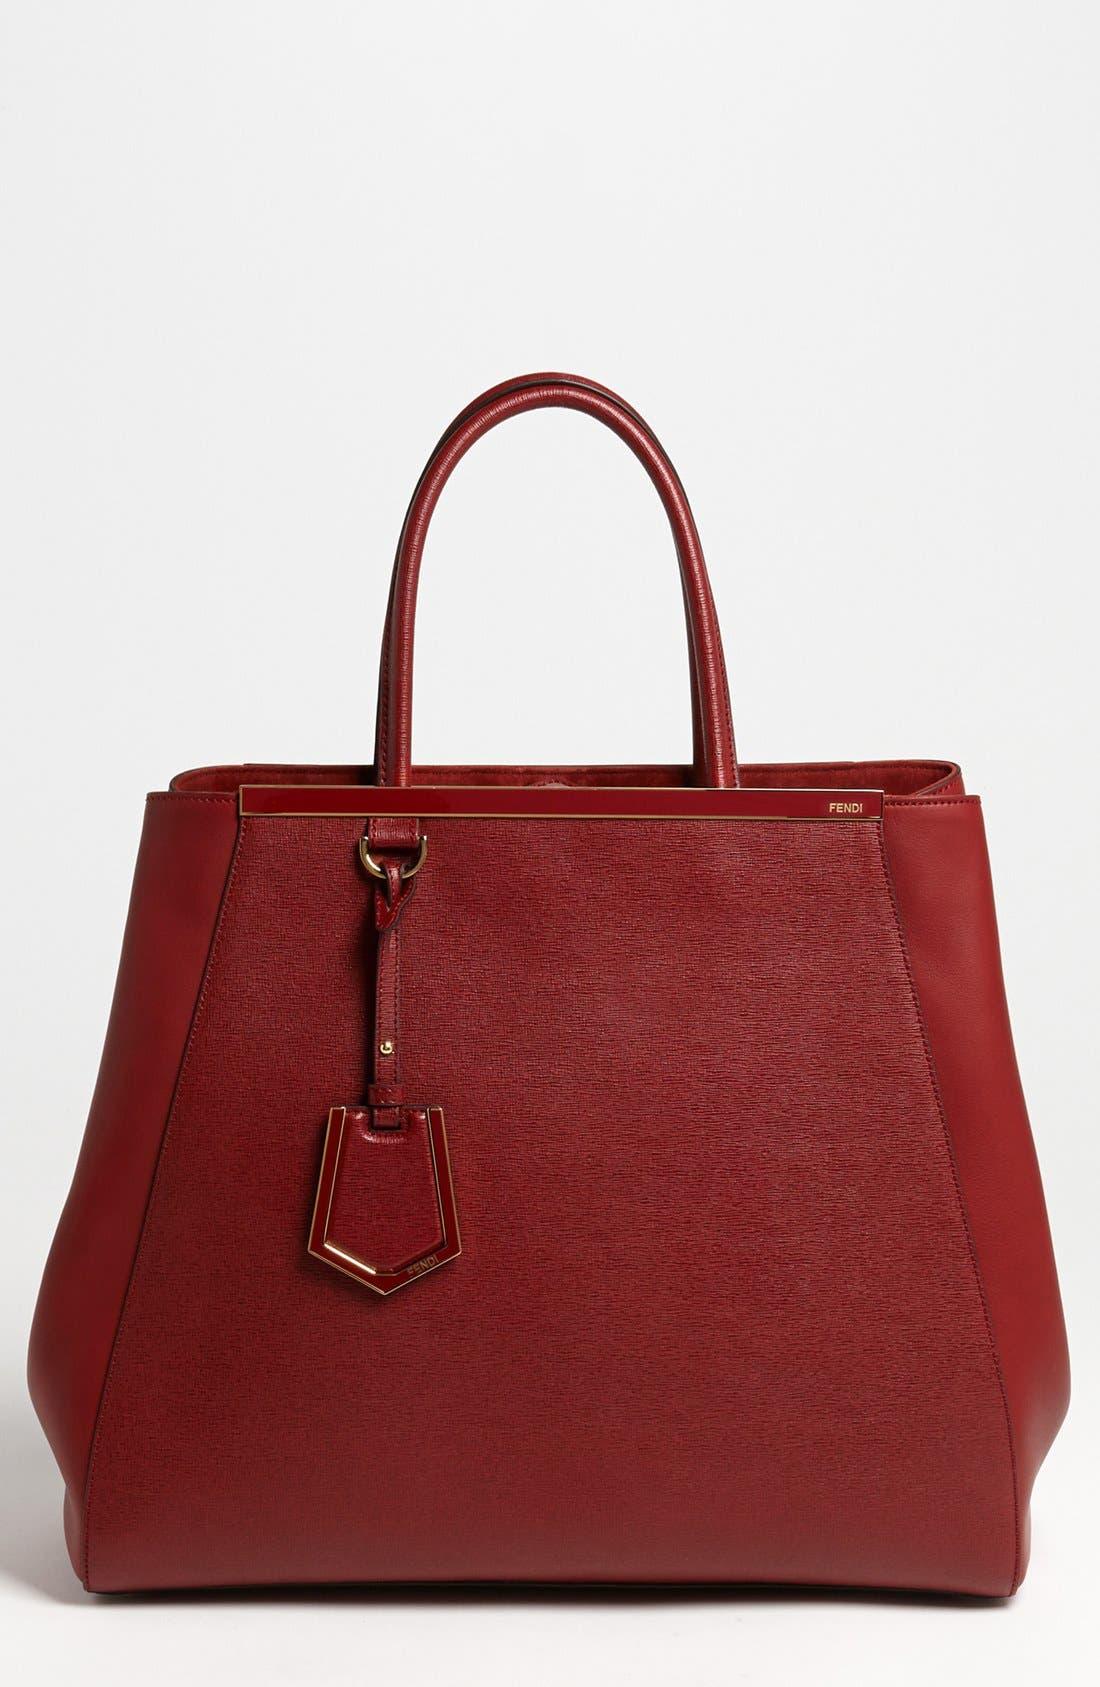 Main Image - Fendi '2Jours Elite - Large' Leather Shopper